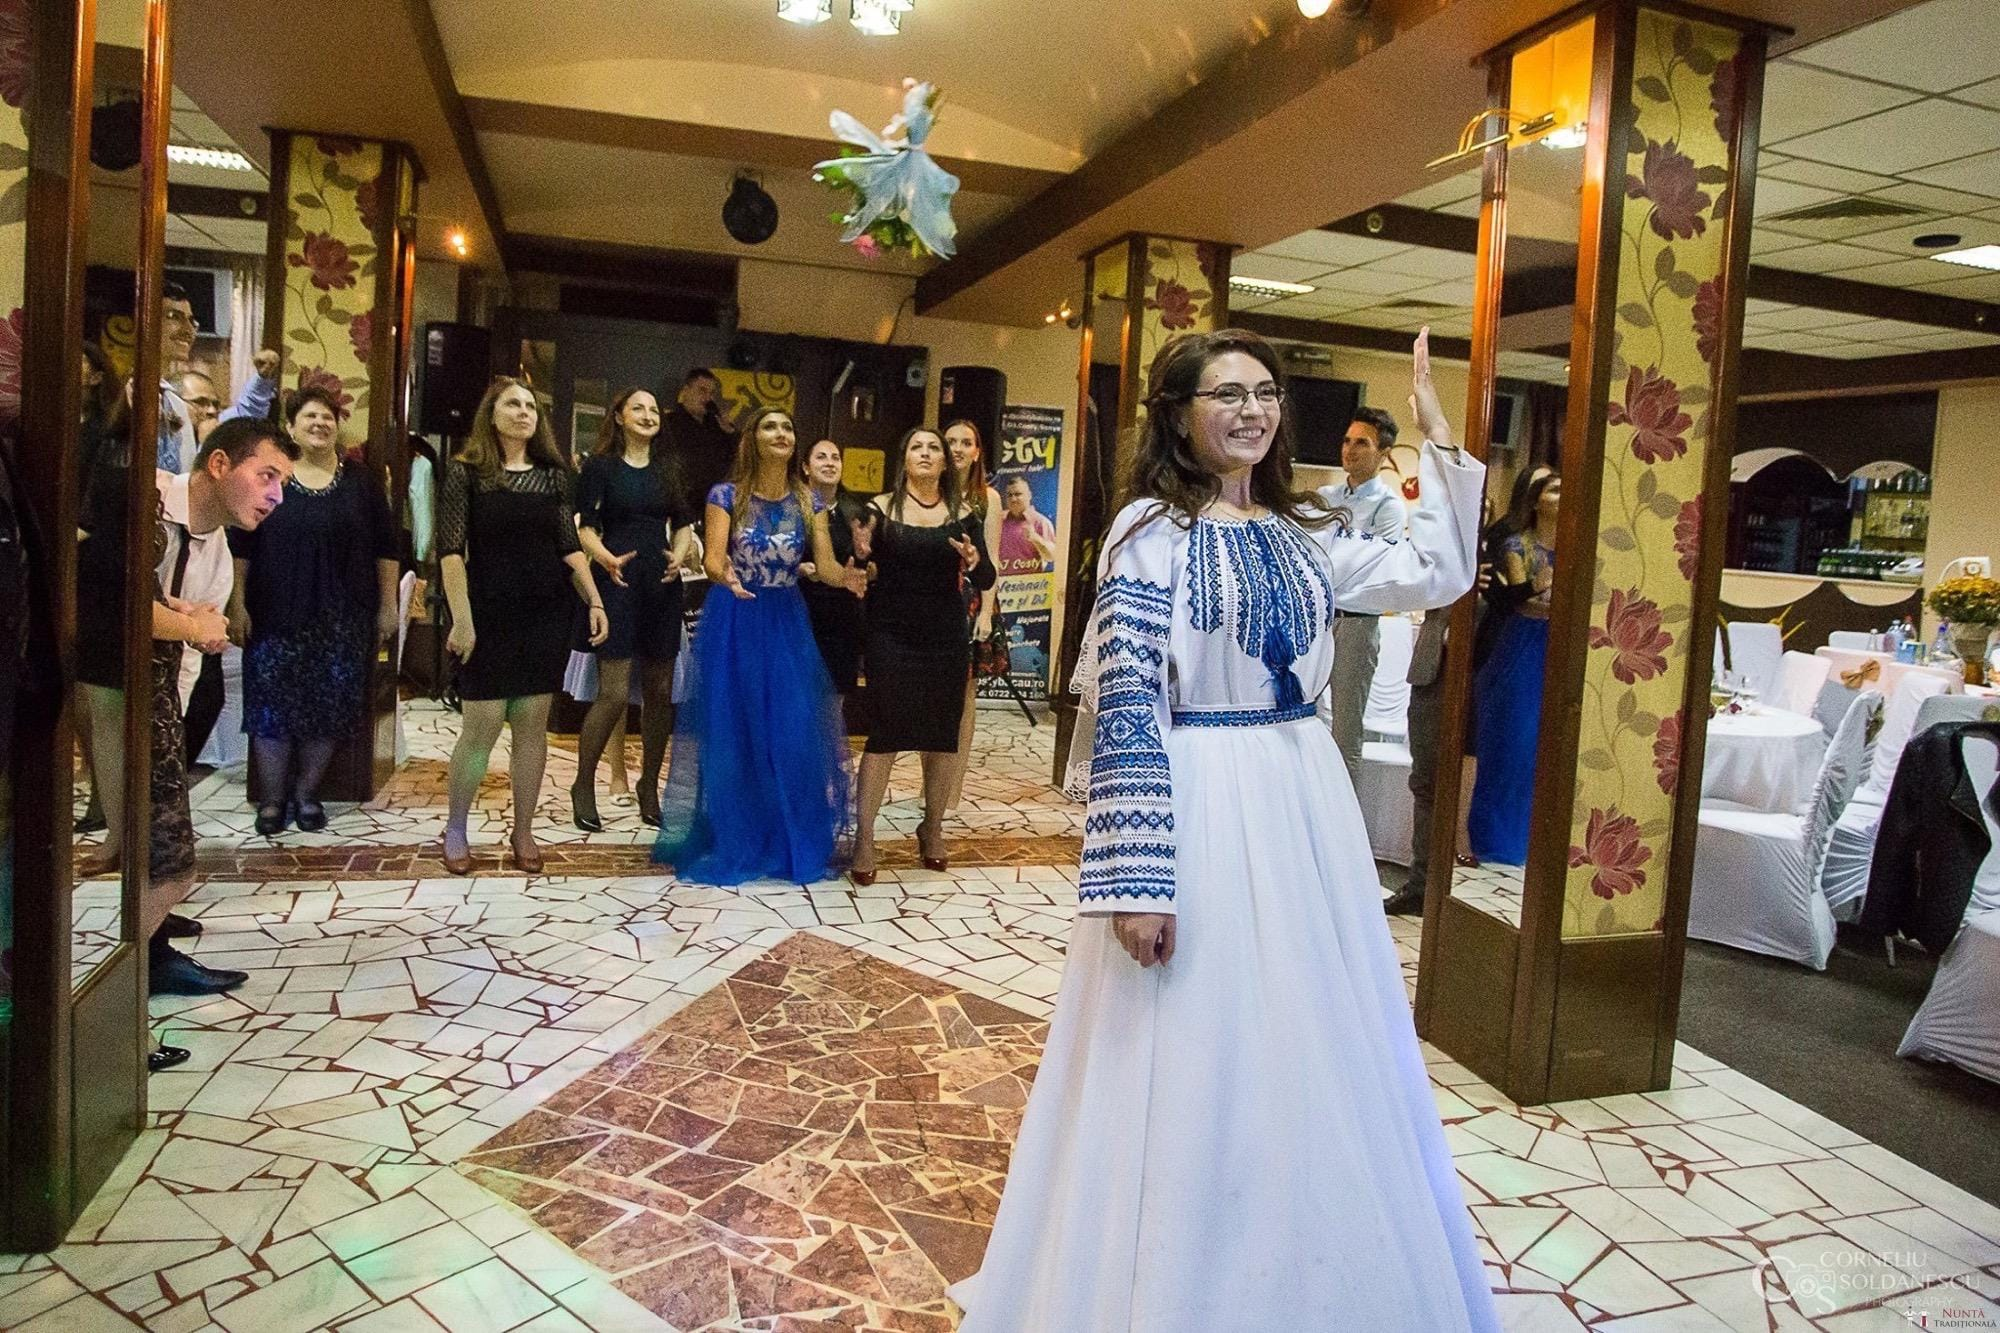 Povești Nunți Tradiționale - Ioana-Alexandra și Bogdan-Vasile. Nuntă tradițională în Fălticeni 44